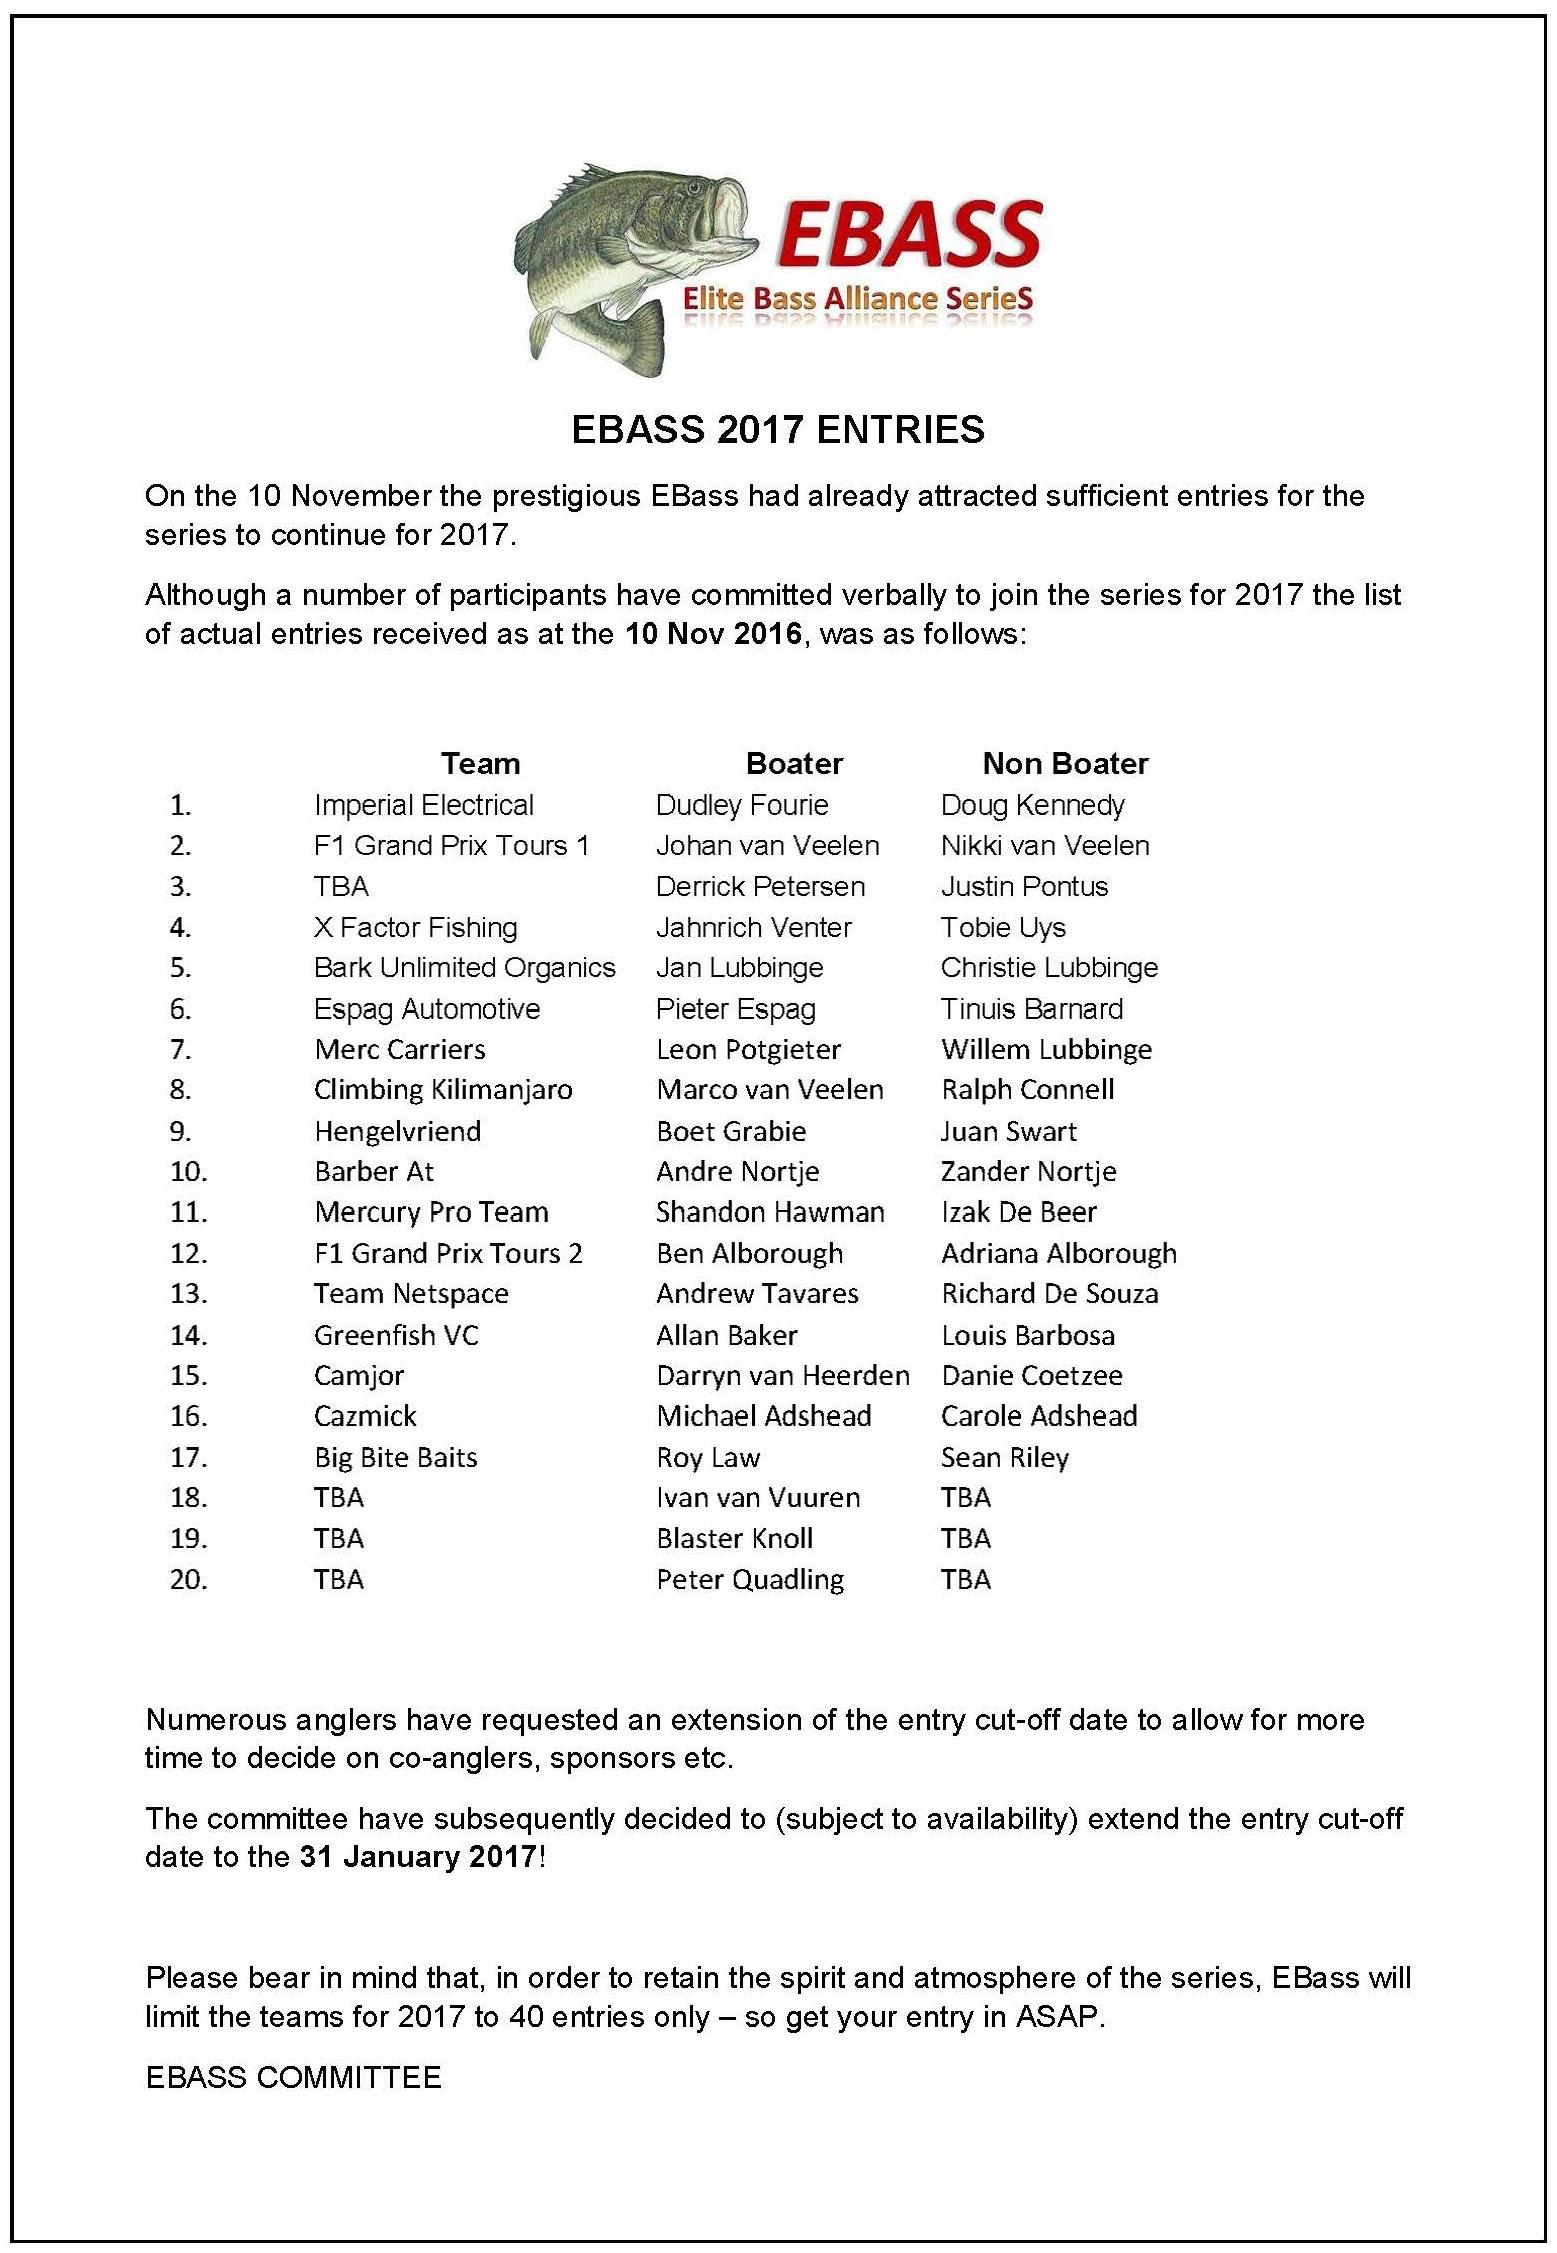 EBASS 2017 ENTRIES